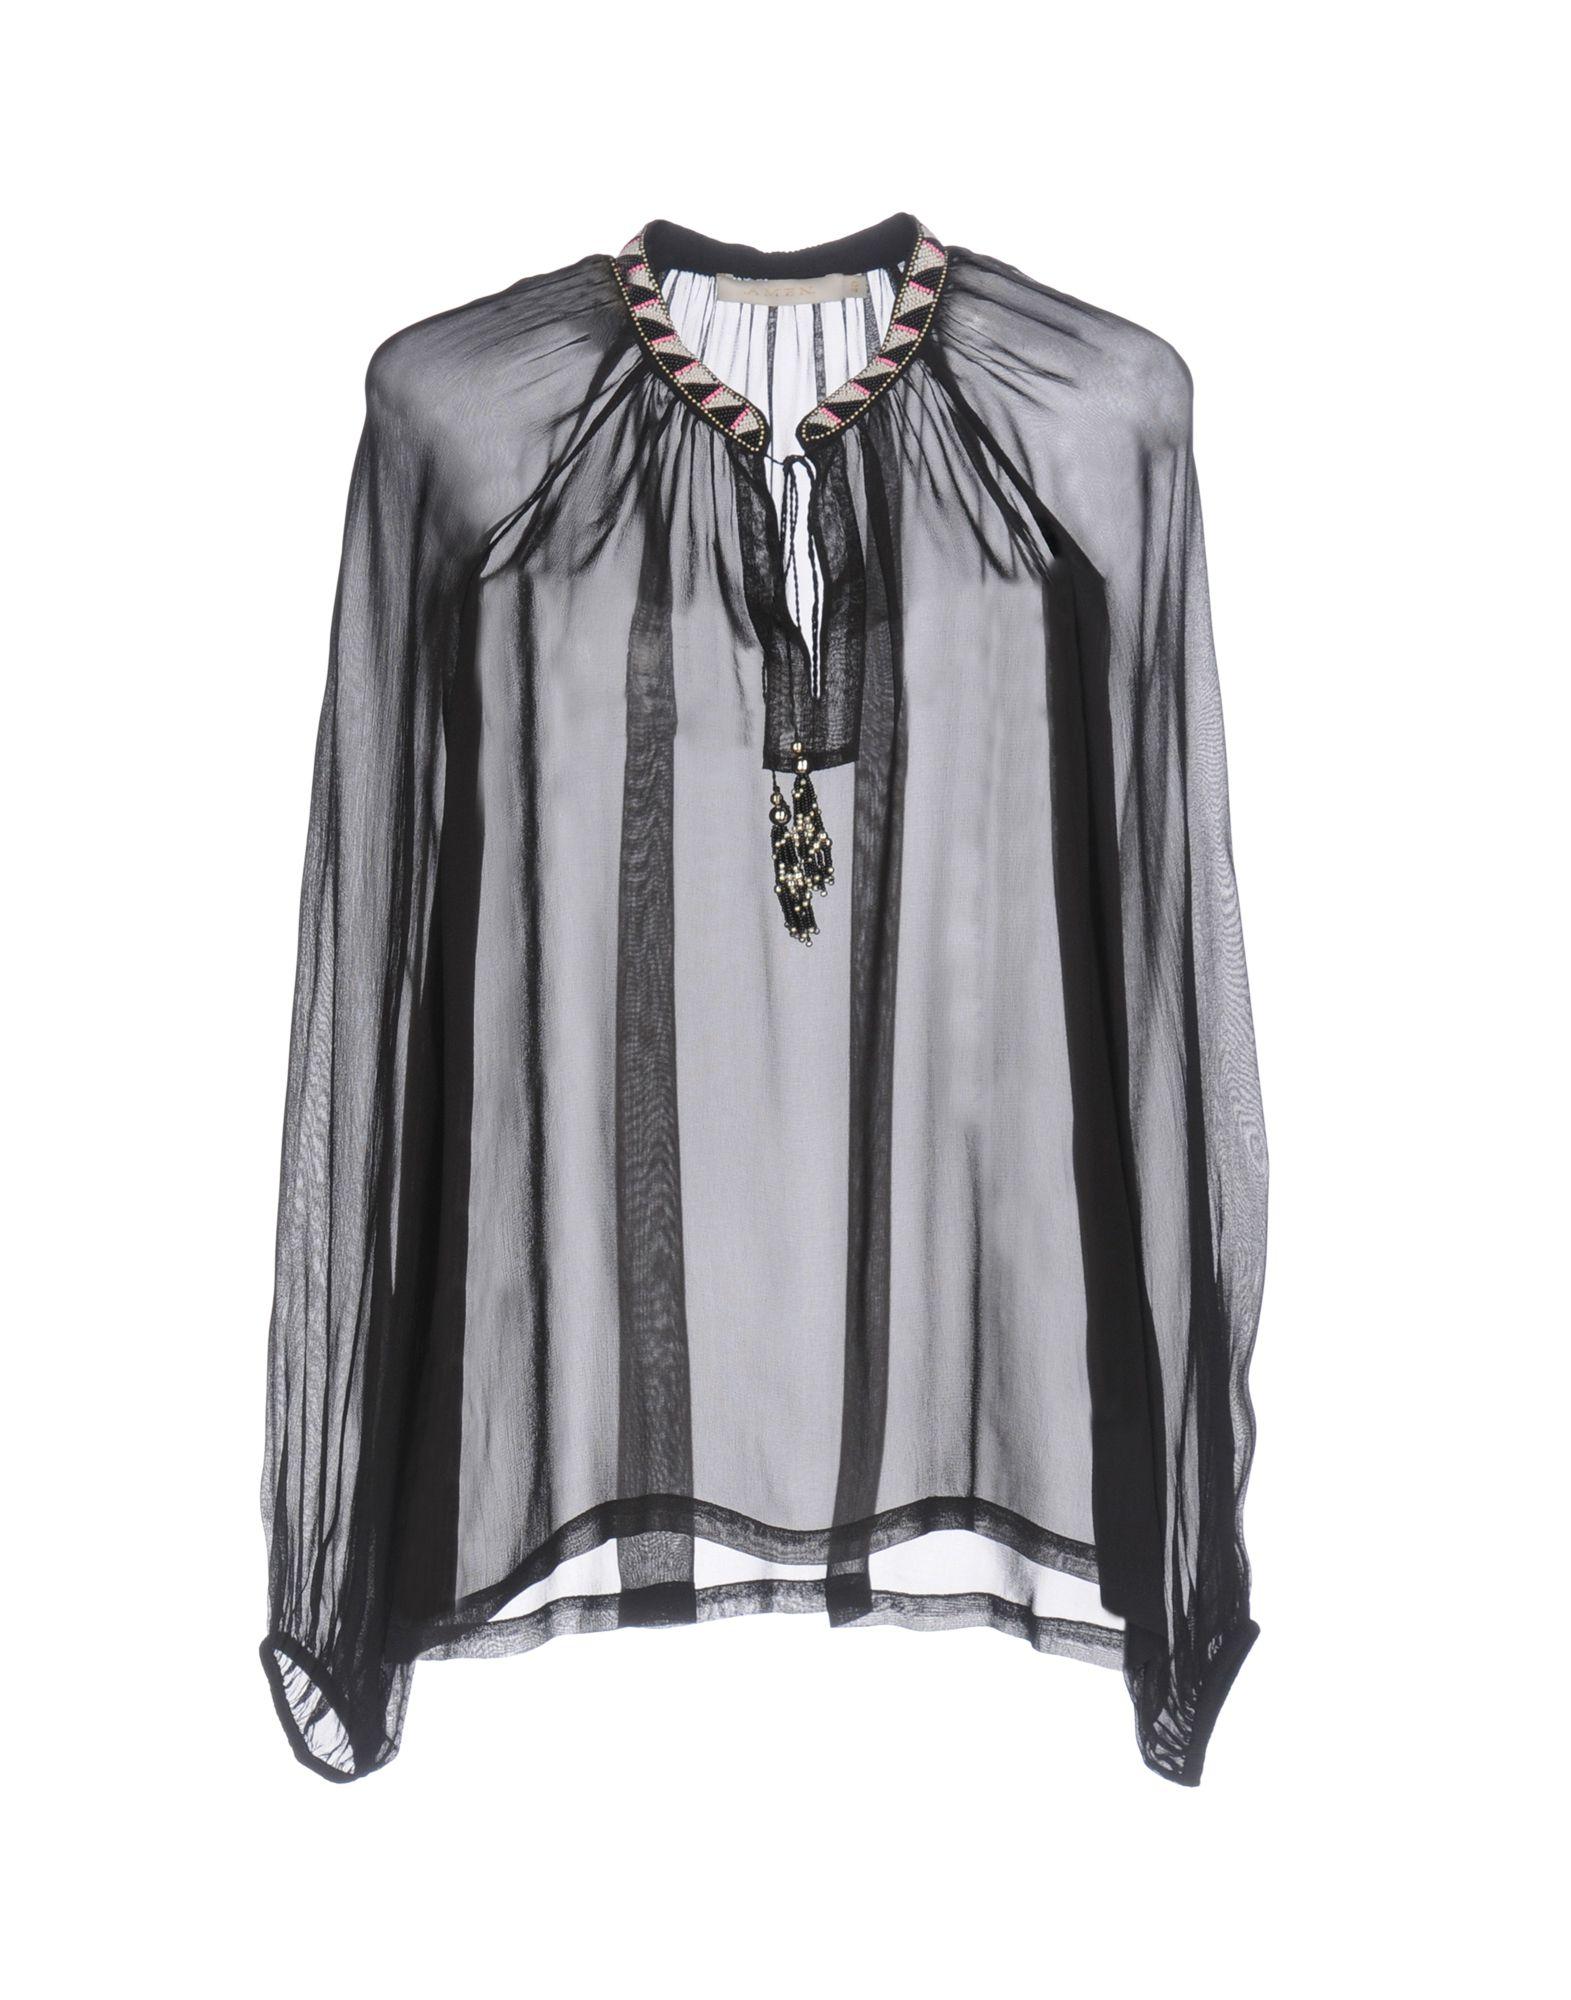 купить .AMEN. Блузка по цене 24500 рублей